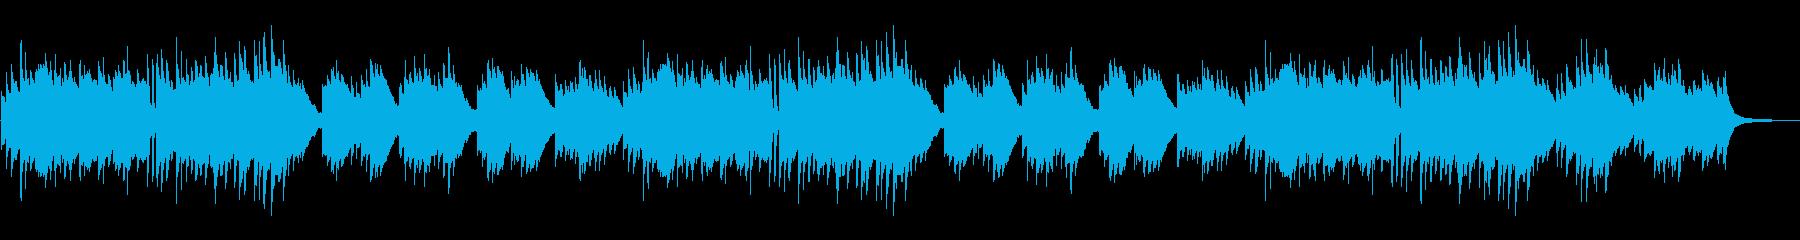 ゆったり切ない印象な和風のピアノソロの再生済みの波形